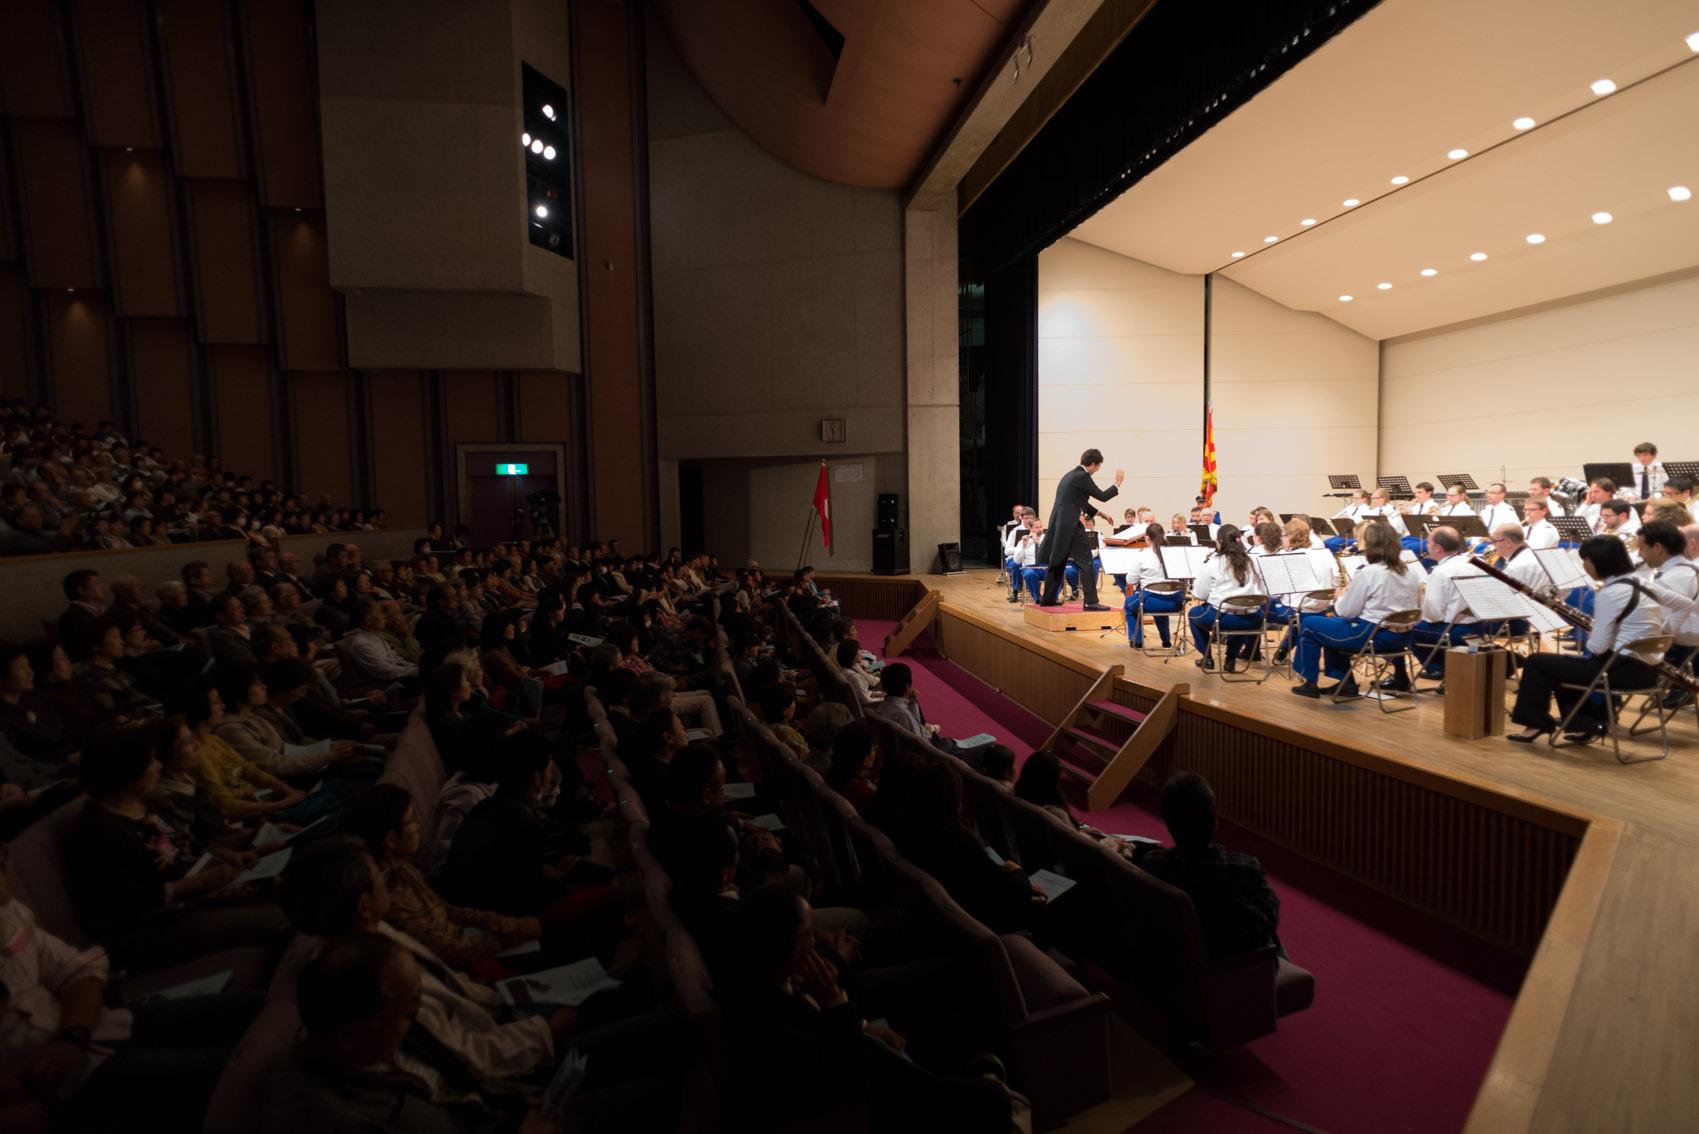 Tournee Au Japon Et Concerto Pour Piano N 1 De Prokofiev Ohge